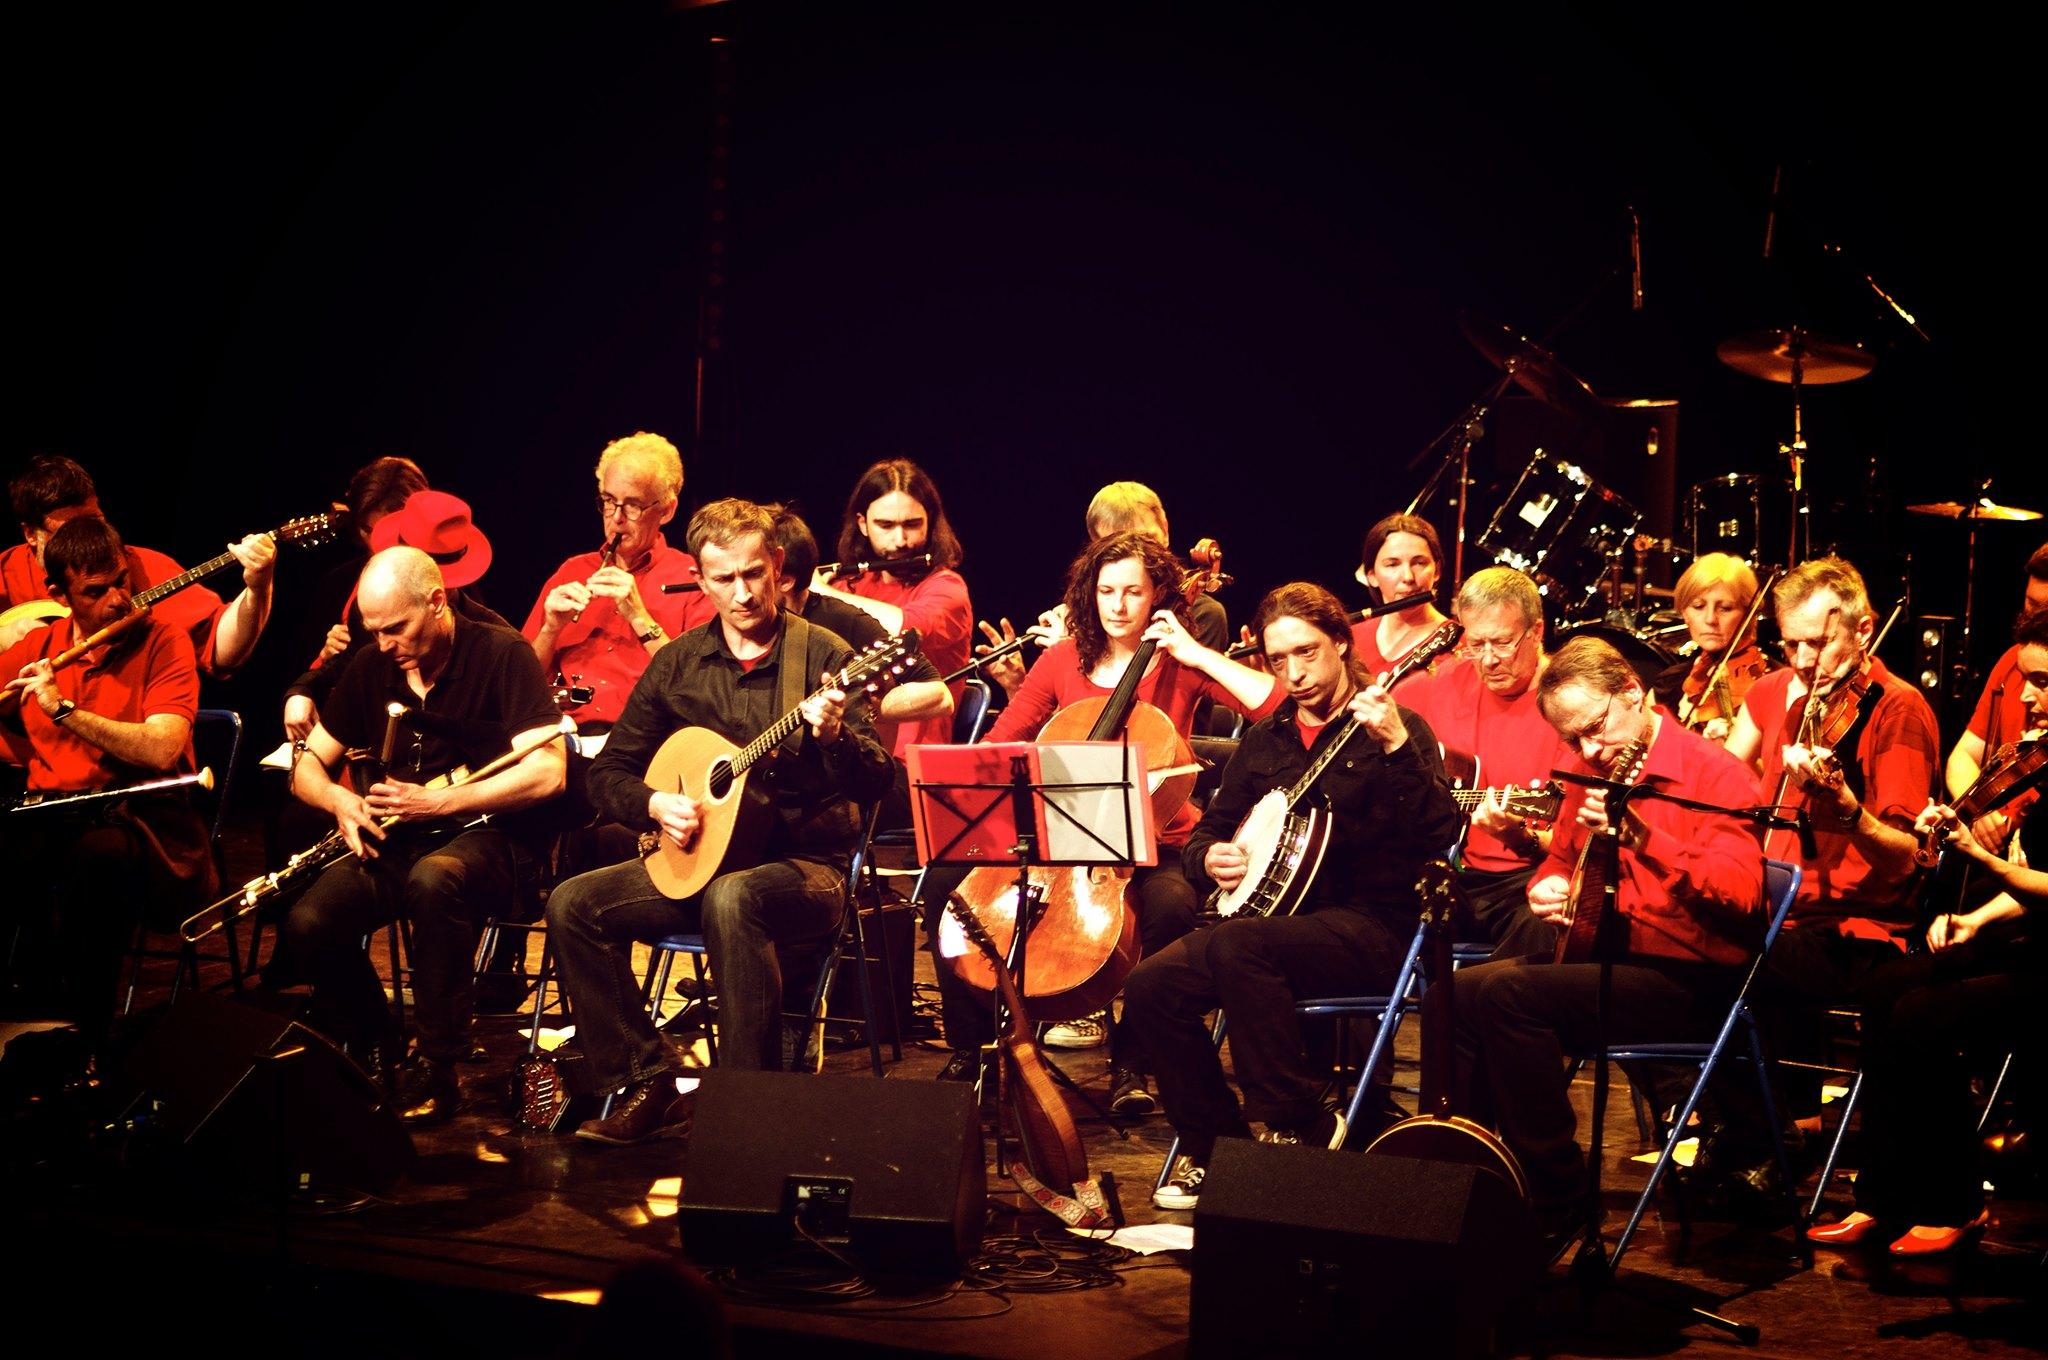 Orchestre de Musique Irlandaise de Paris (OMI) Square du Temple - Elie-Wiesel Paris